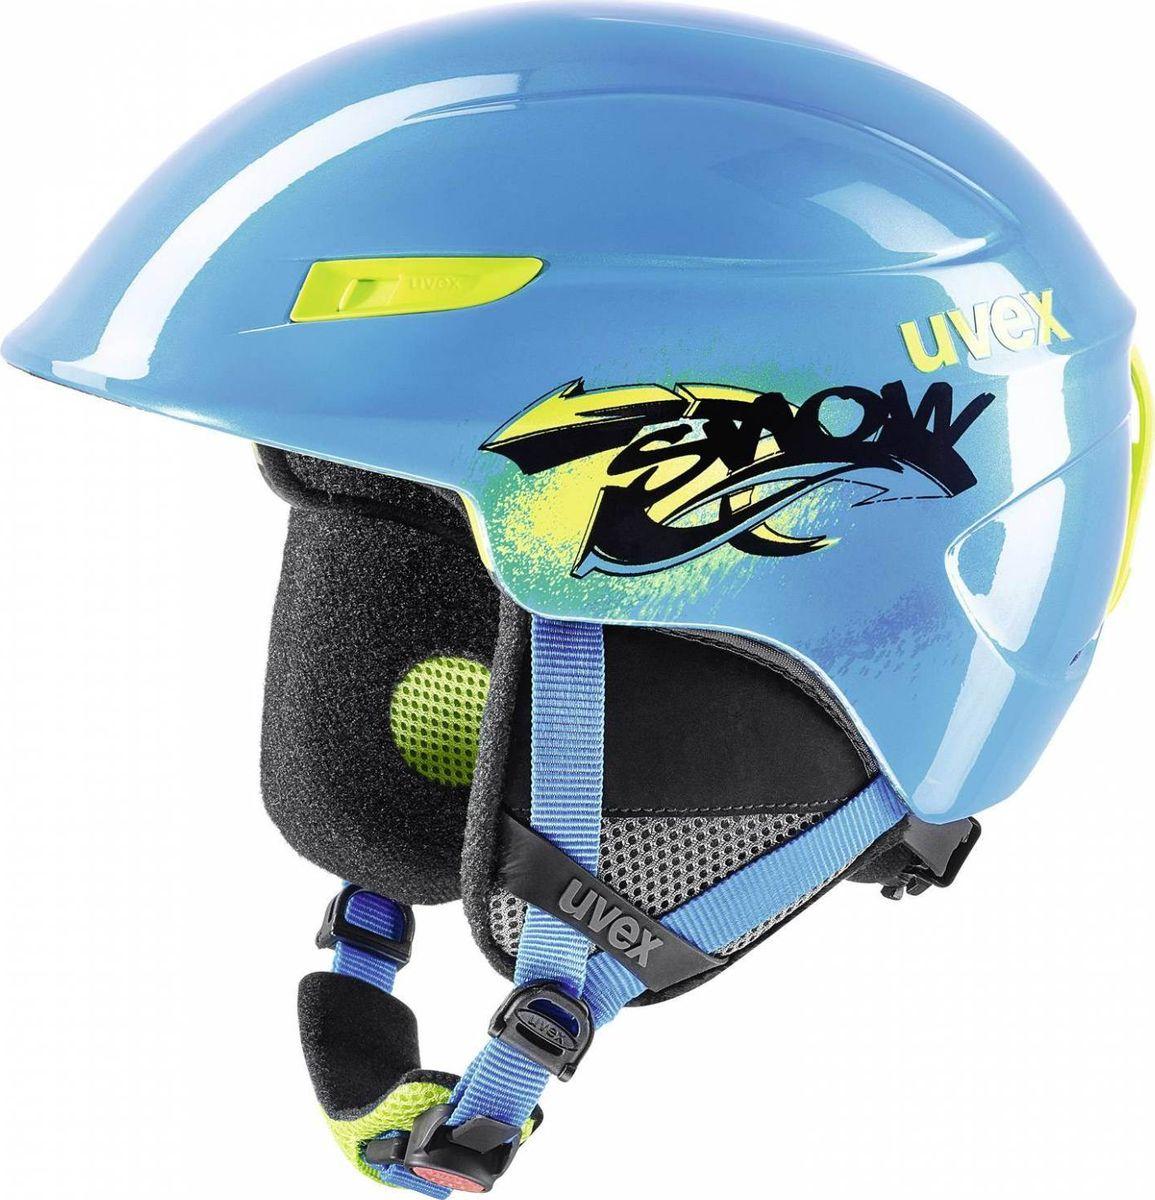 Шлем горнолыжный Uvex U-kid Kids Helmet, цвет: синий. Размер 51/556218Детский шлем обеспечит юному лыжнику максимальный комфорт на склоне. В модели предусмотрены система вентиляции и фиксатор стрэпа маски. Подкладка выполнена из гипоаллергенного материала.